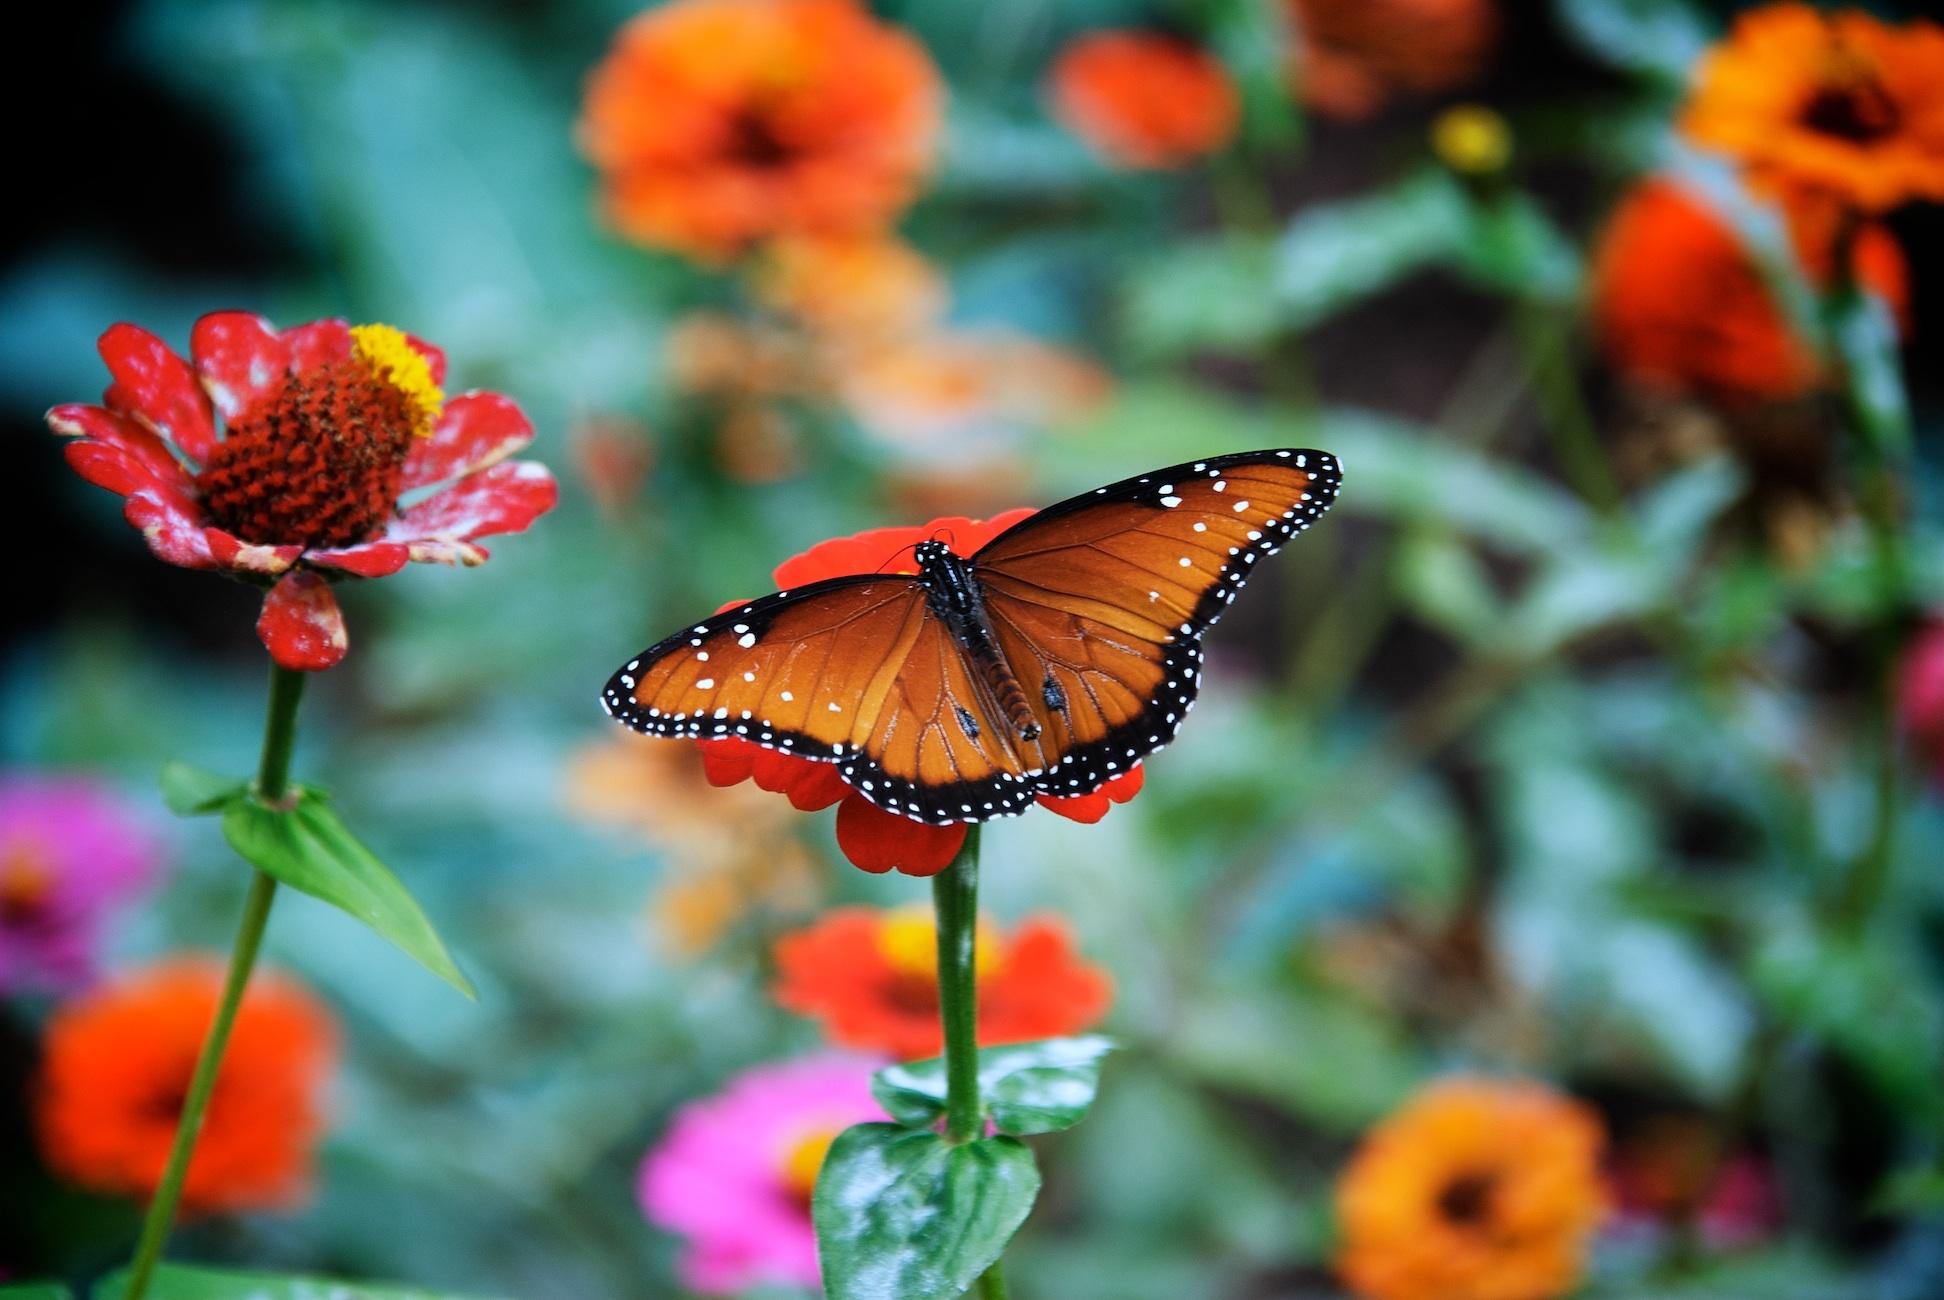 Pink Full Hd Wallpaper Butterfly Flower Jpg